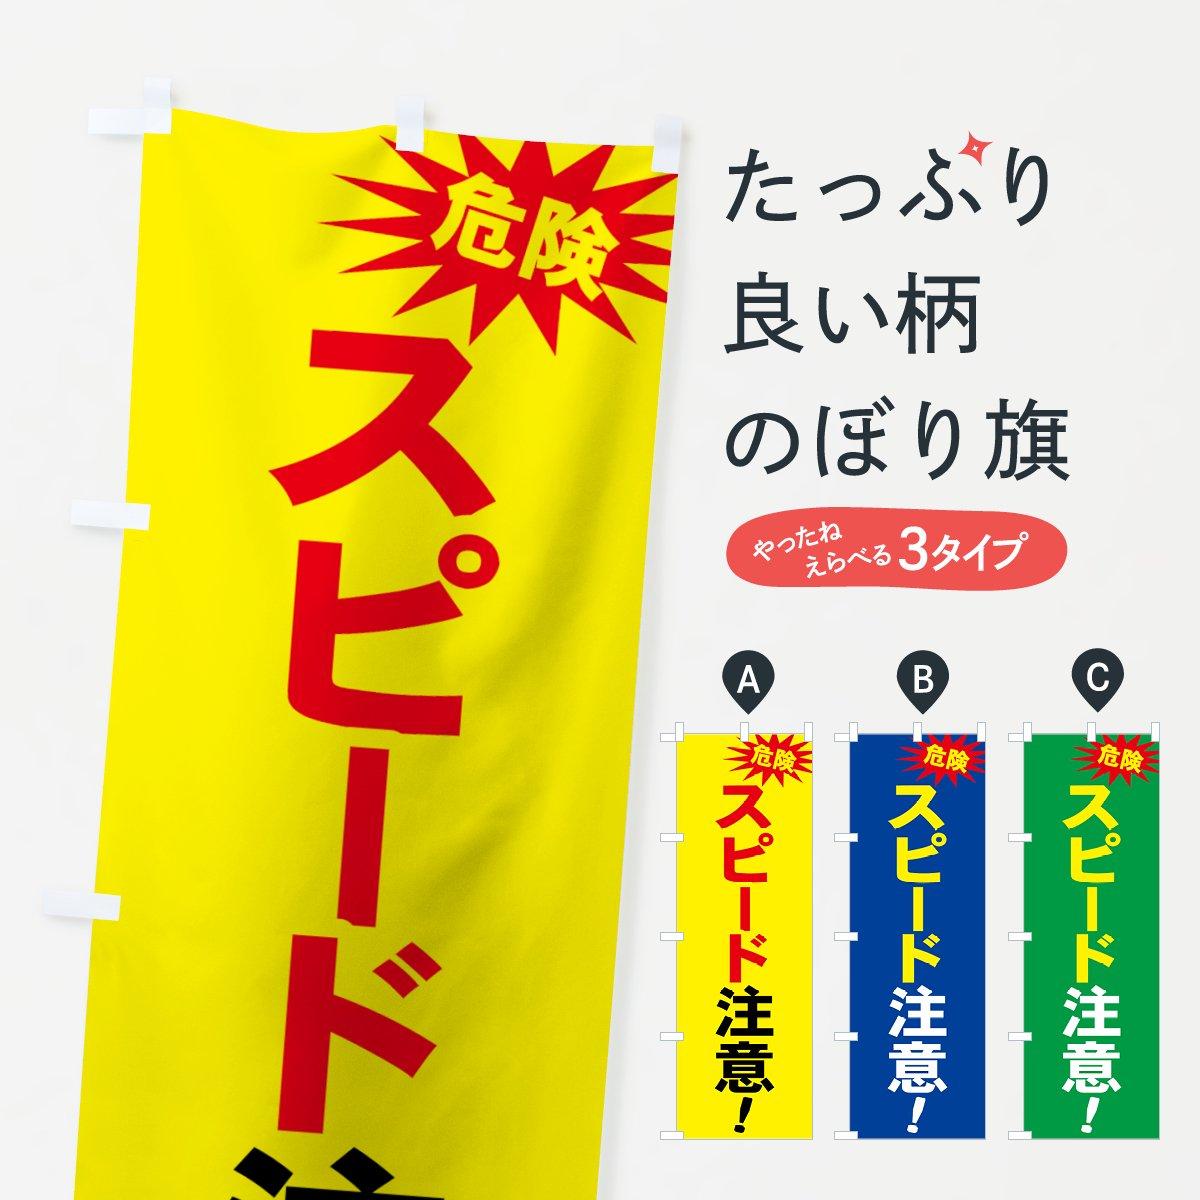 危険スピード注意のぼり旗